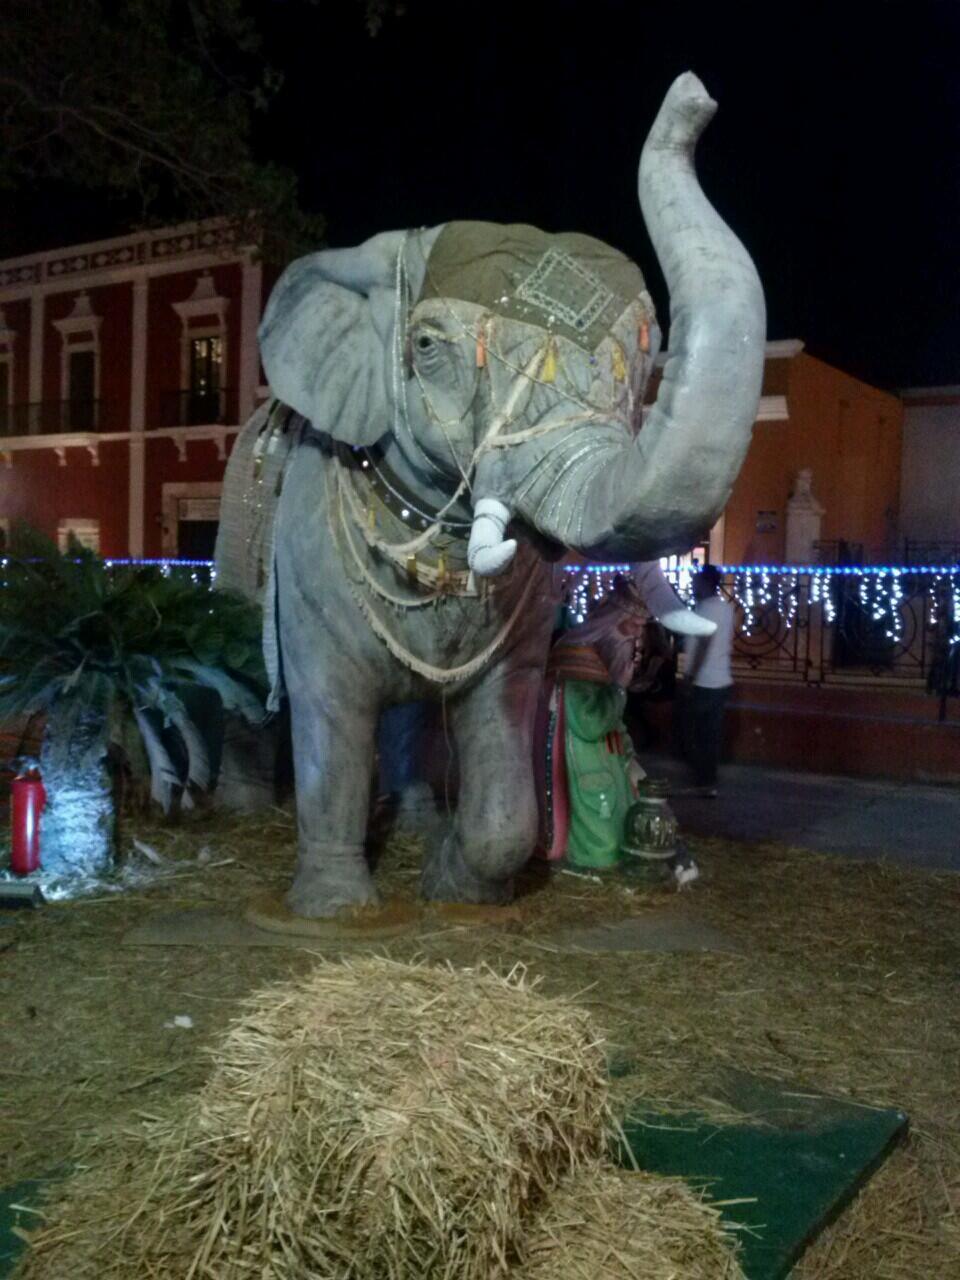 EL ELEFANTE Navideño del Parque Principal en San Francisco de Campeche!!! http://t.co/7iMCAqnzoZ